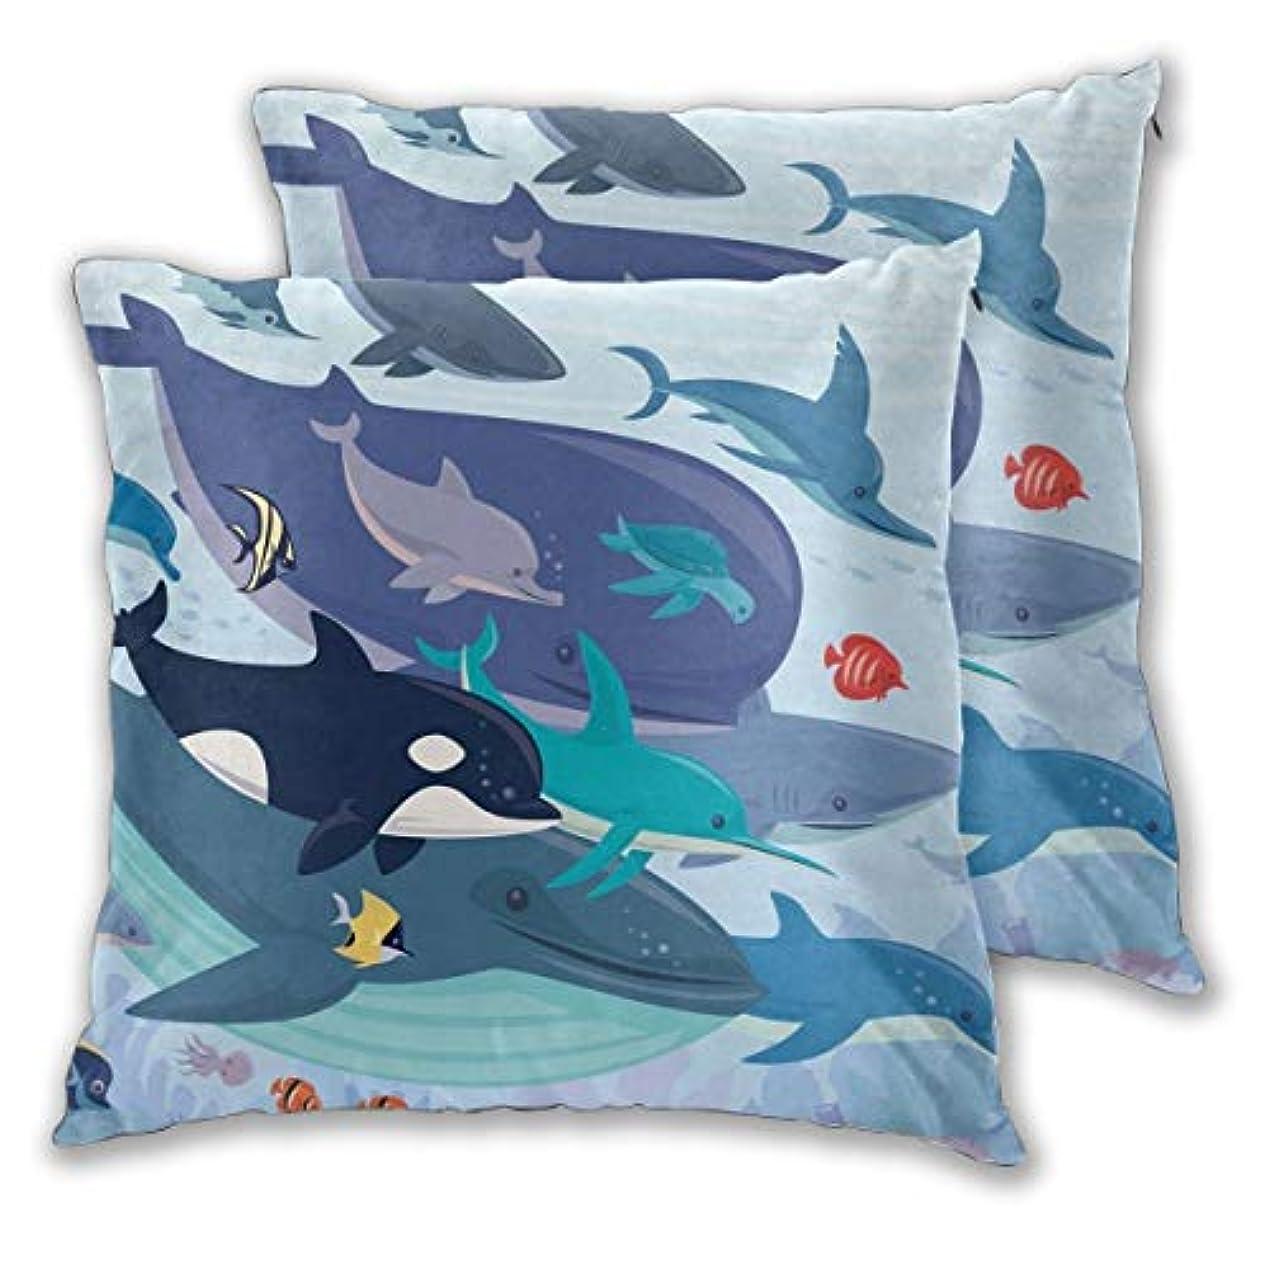 アイロニー稚魚連邦枕カバー 2枚,クッションカバー 海洋生物 45X45CM 装飾い 結婚い 新築祝い クリスマス ギフト